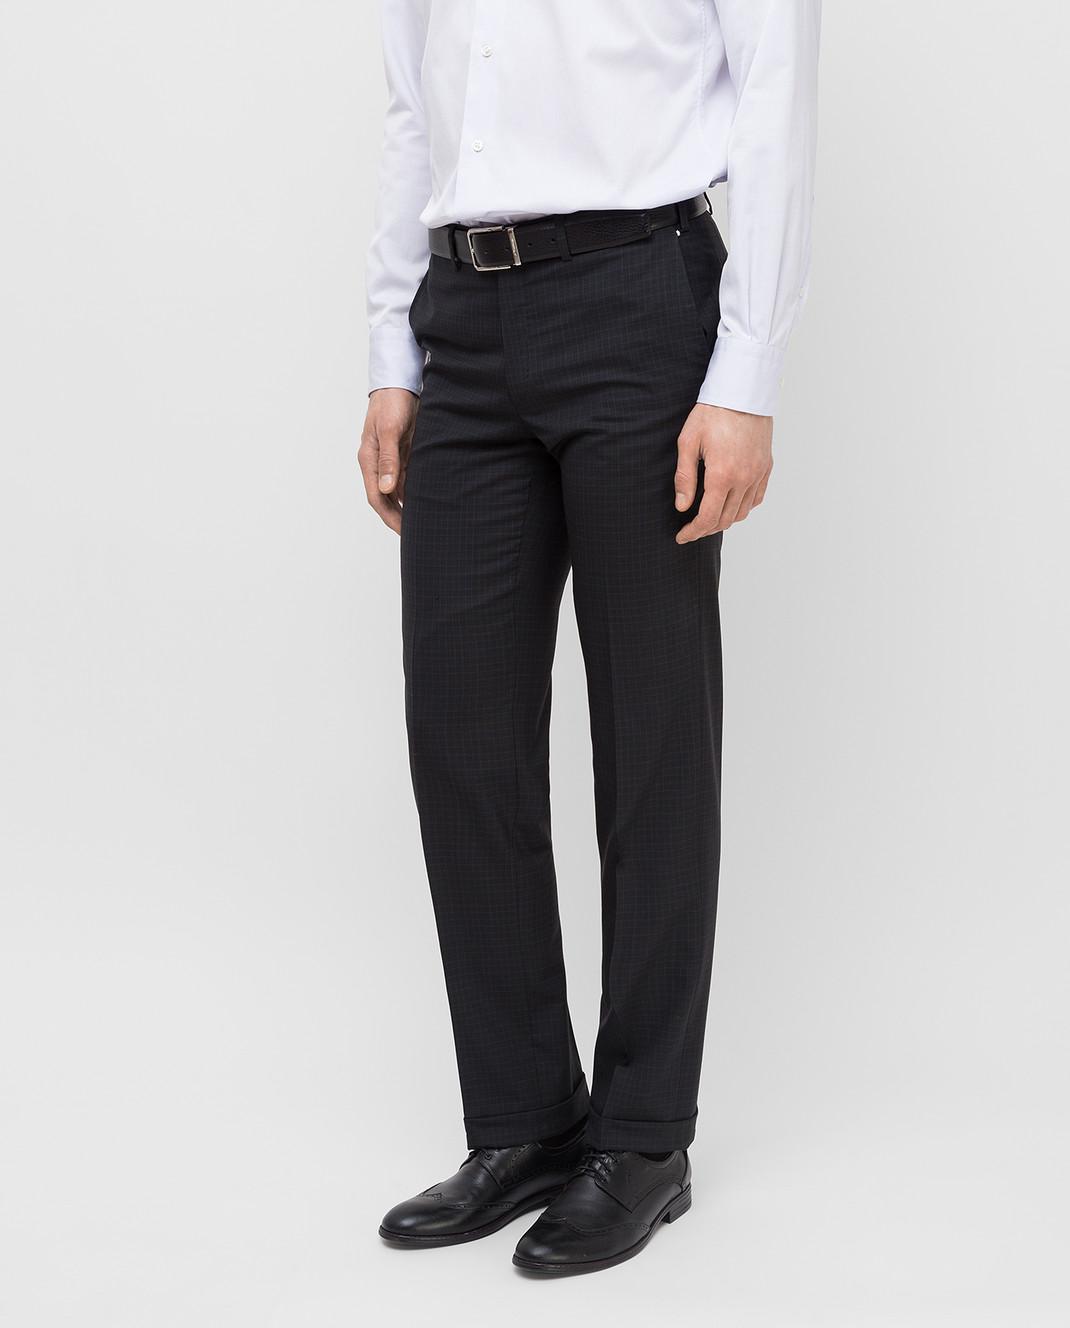 Brioni Темно-серые брюки из шерсти RPL80LP5A71 изображение 3